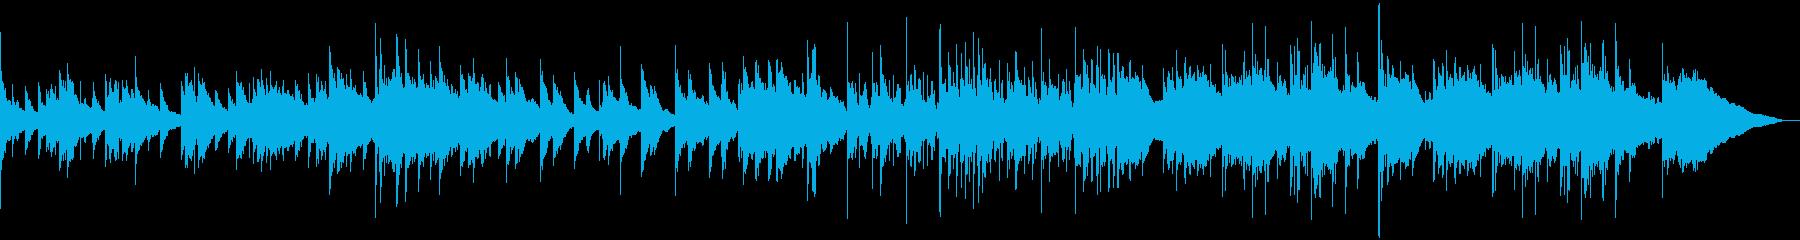 カノン進行の感動系ピアノソロBGMの再生済みの波形